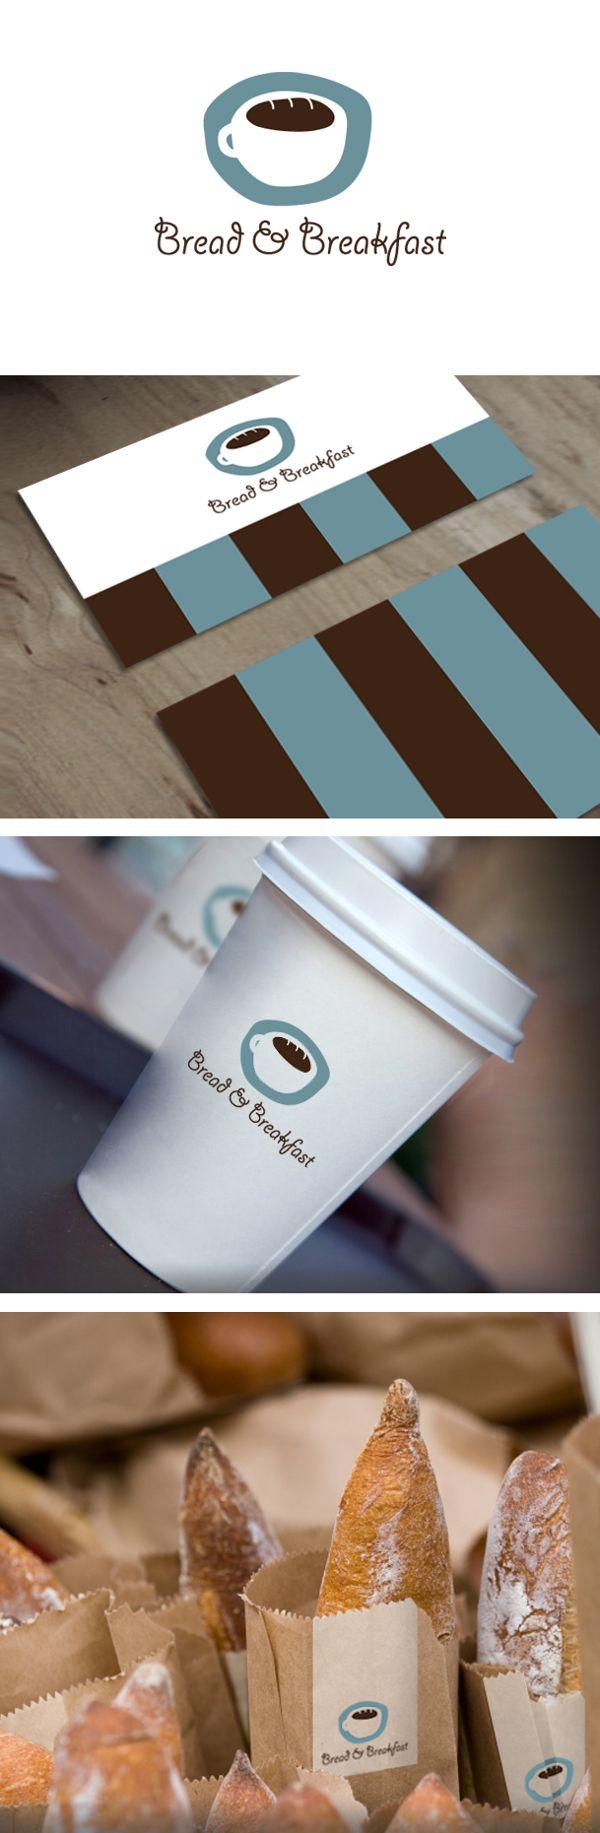 Bread & Breakfast-Bakery & Coffee Shop by Strudel Design , via Behance